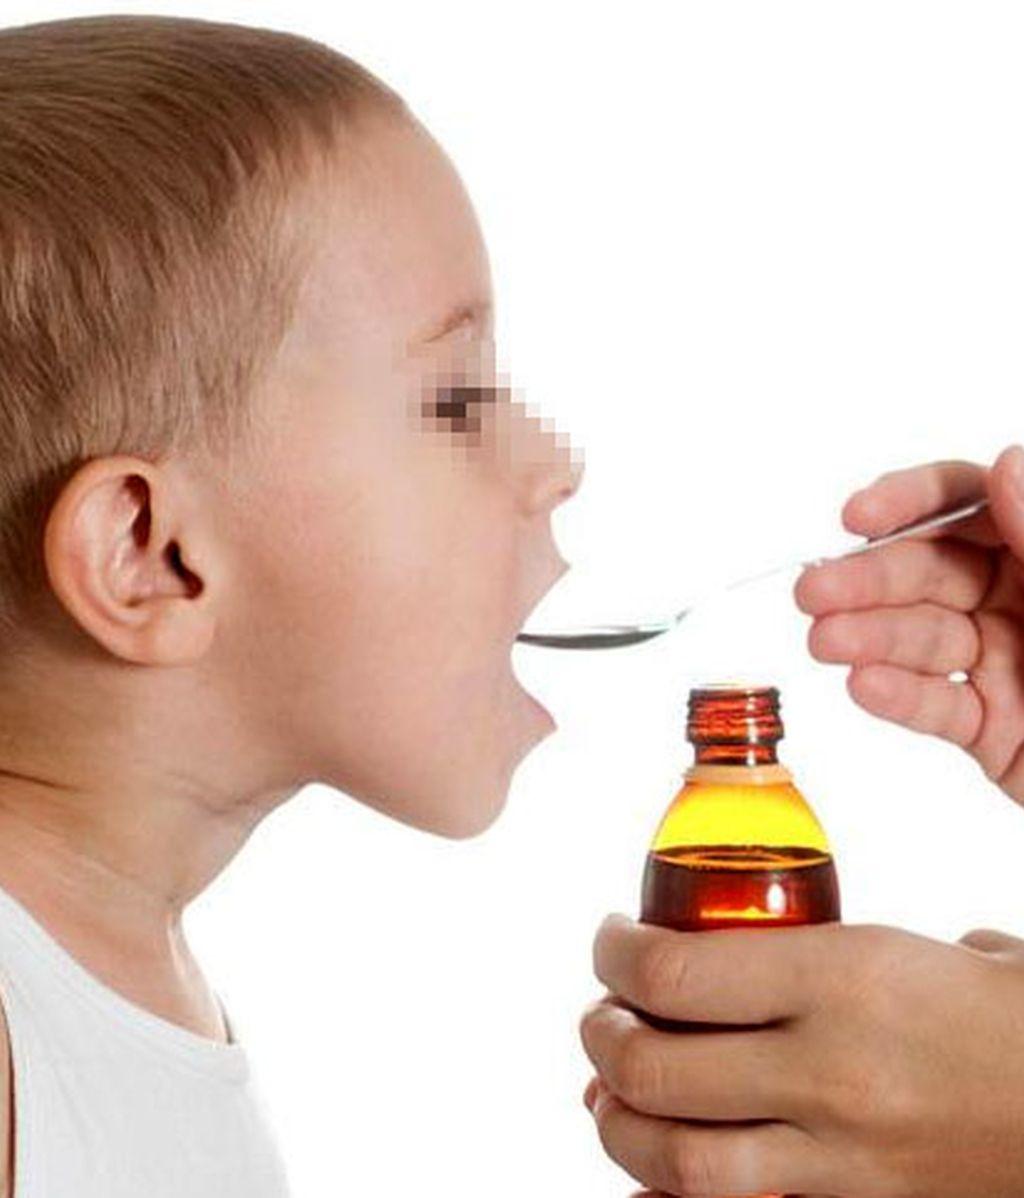 medicamento infantil, jarabe infantil, niño enfermo